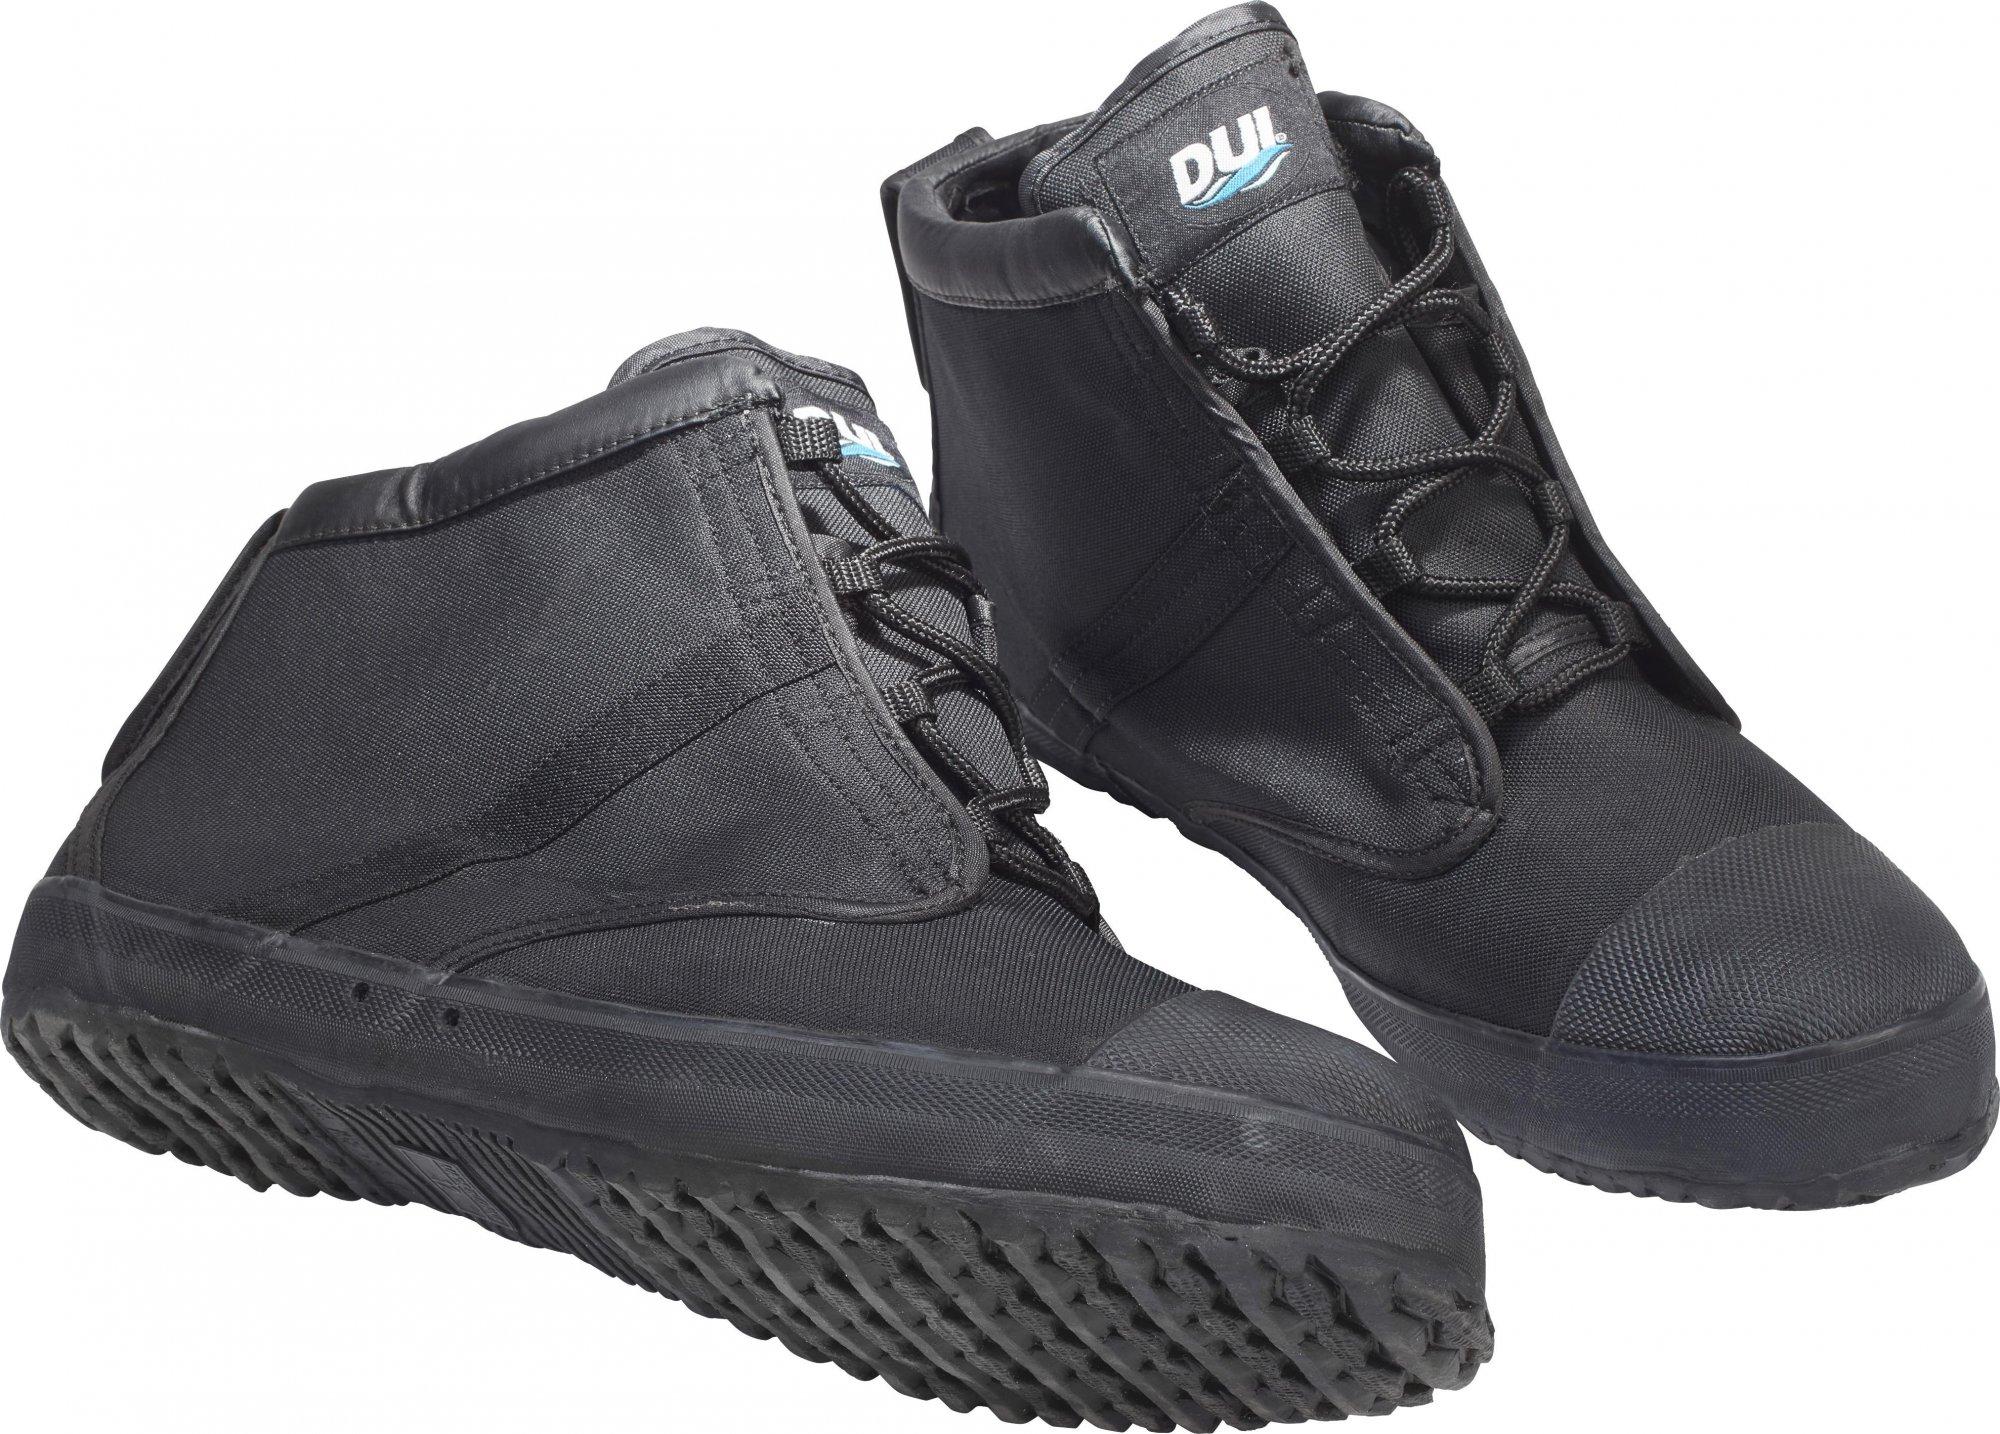 Drysuit Rock Boots